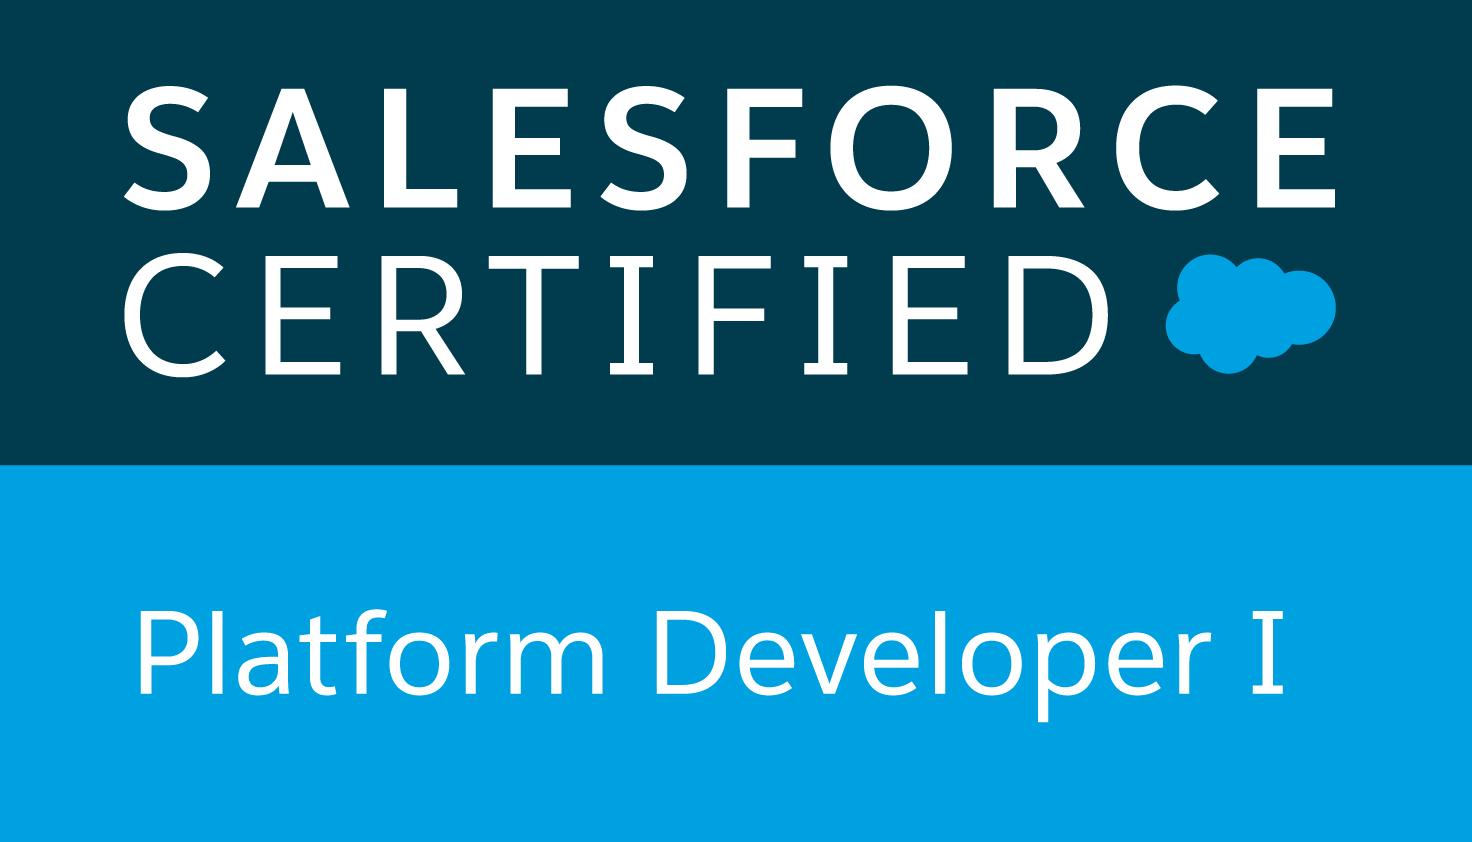 Platform Developer I